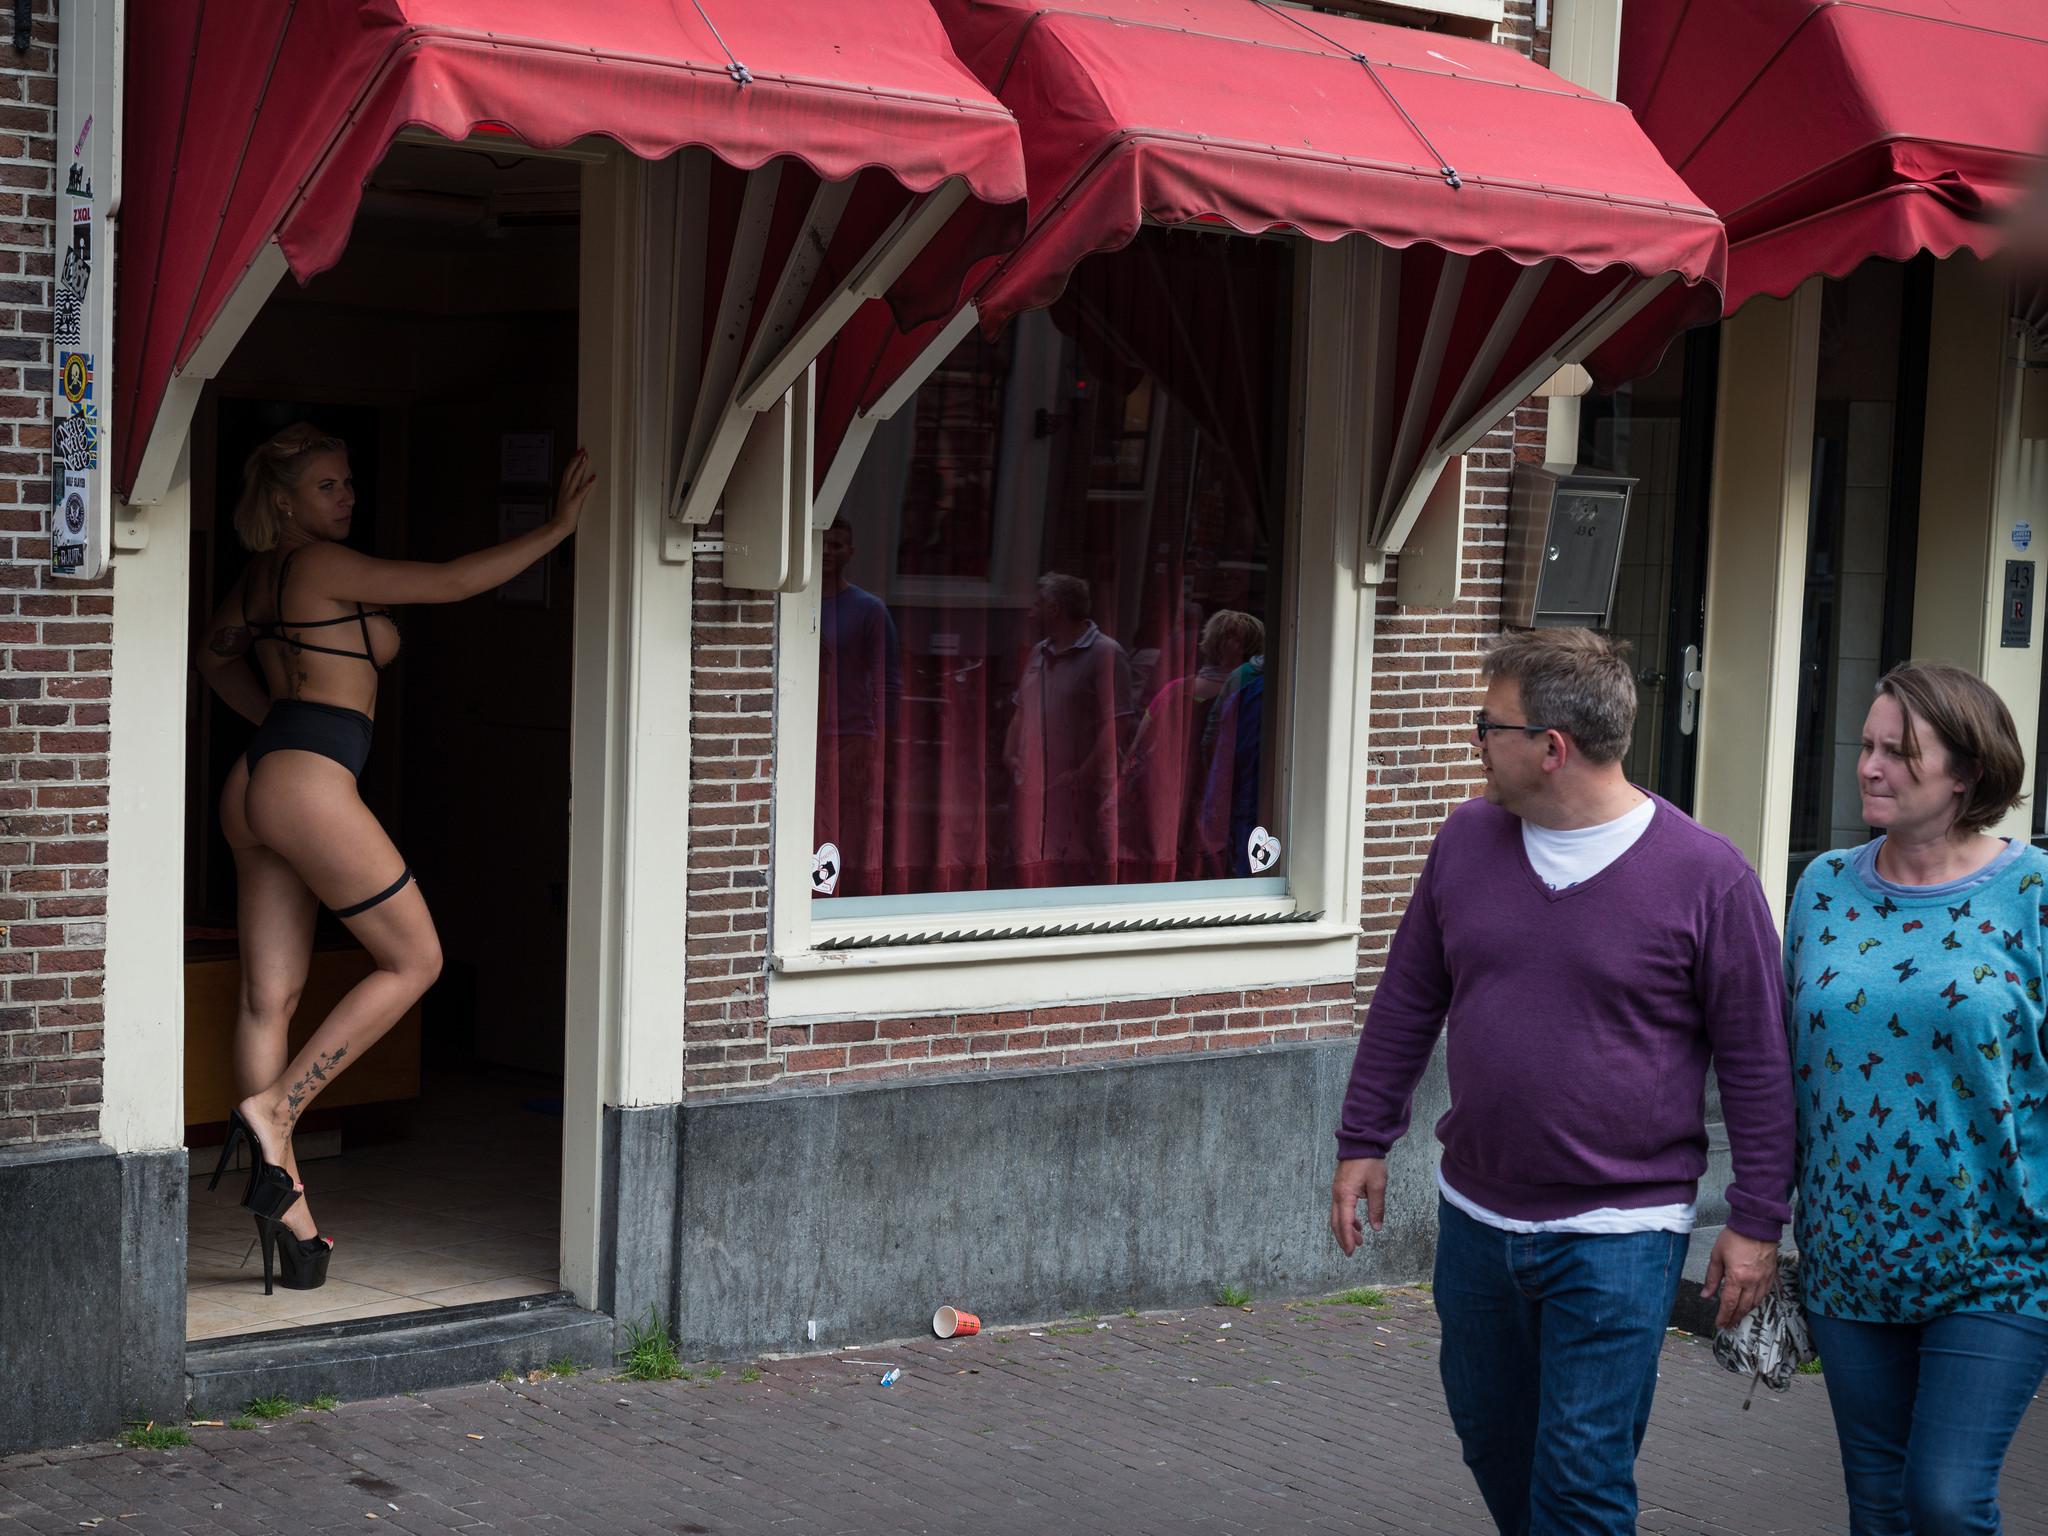 Potsdam prostitution